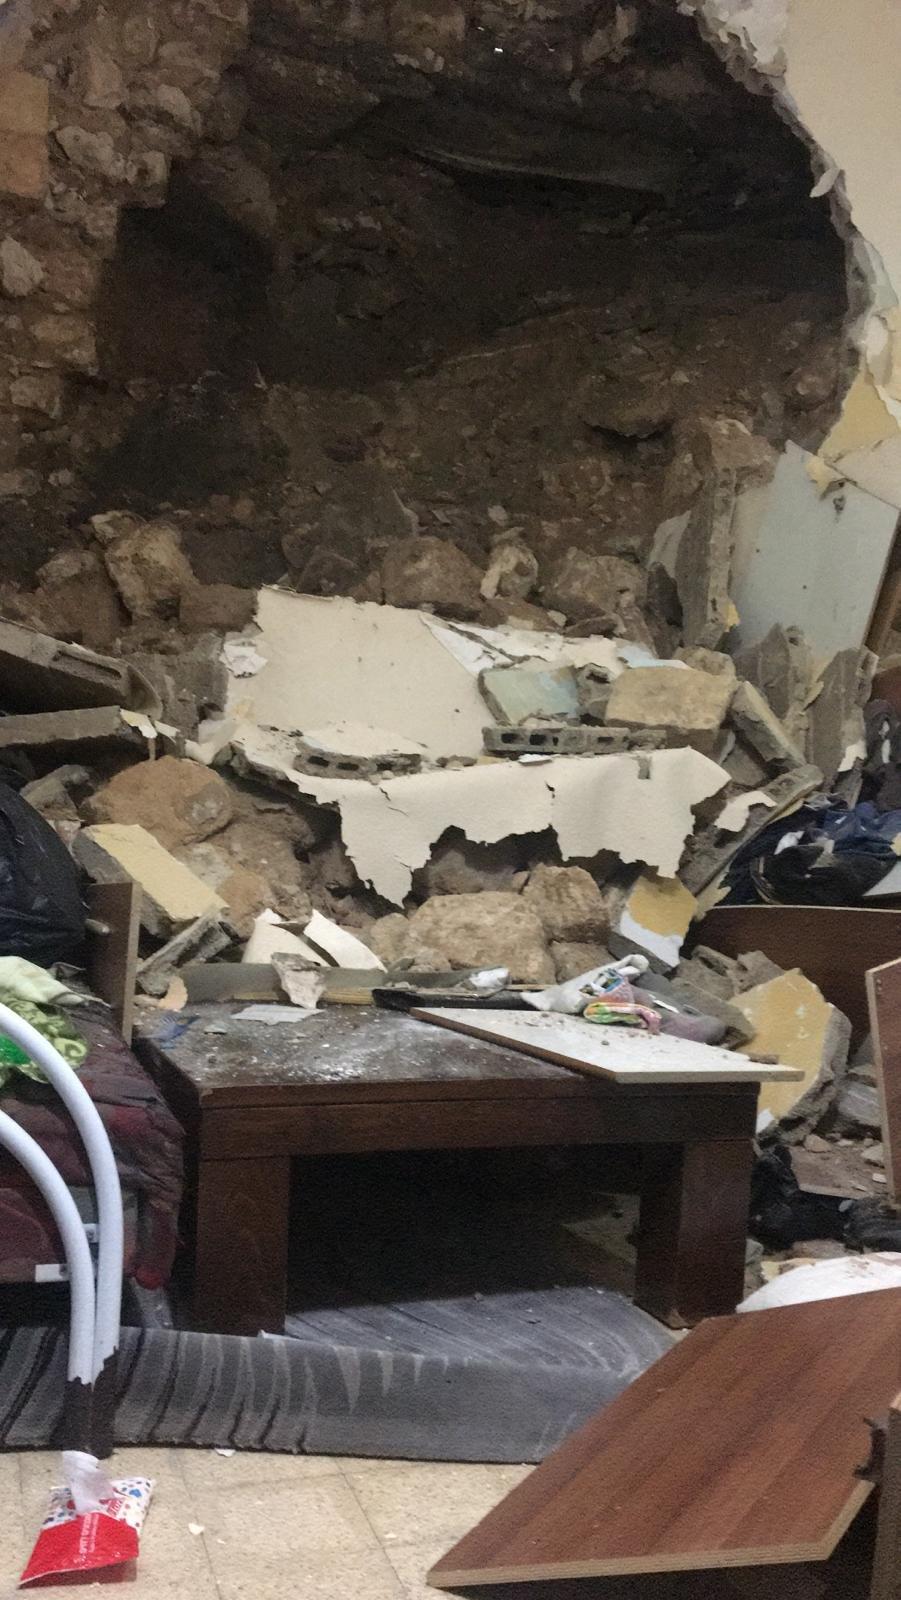 الناصرة: انهيار سقف منزل في الحي الشرقي بسبب الأمطار